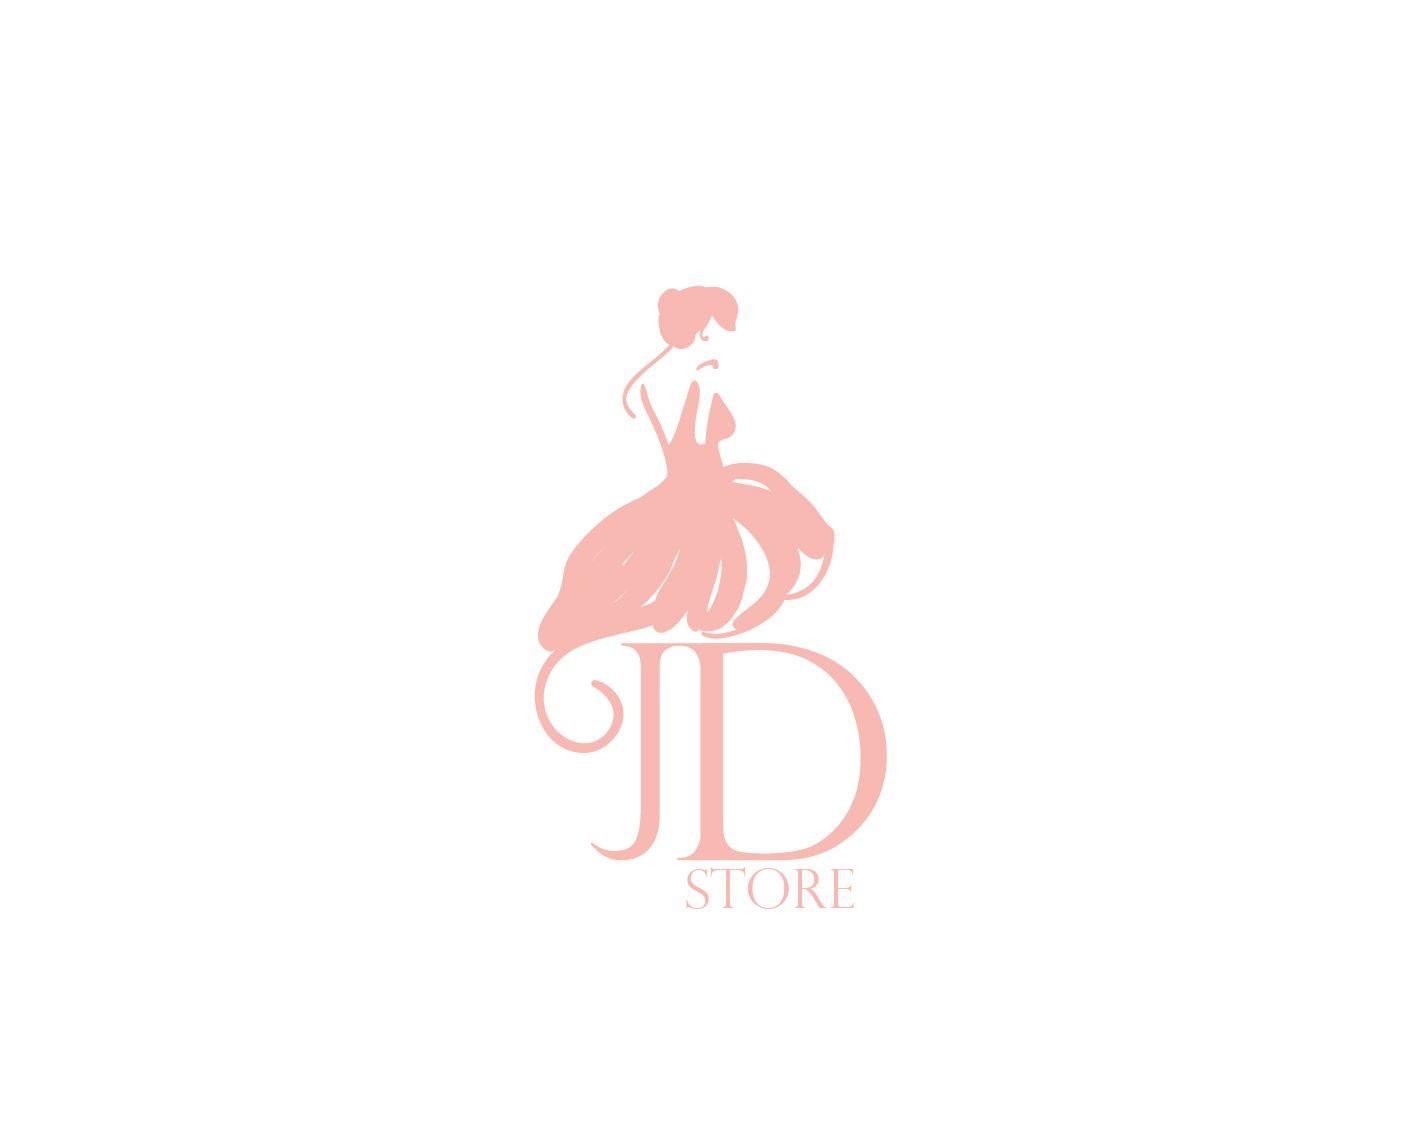 Логотип для  магазина-ателье  - дизайнер rosewind